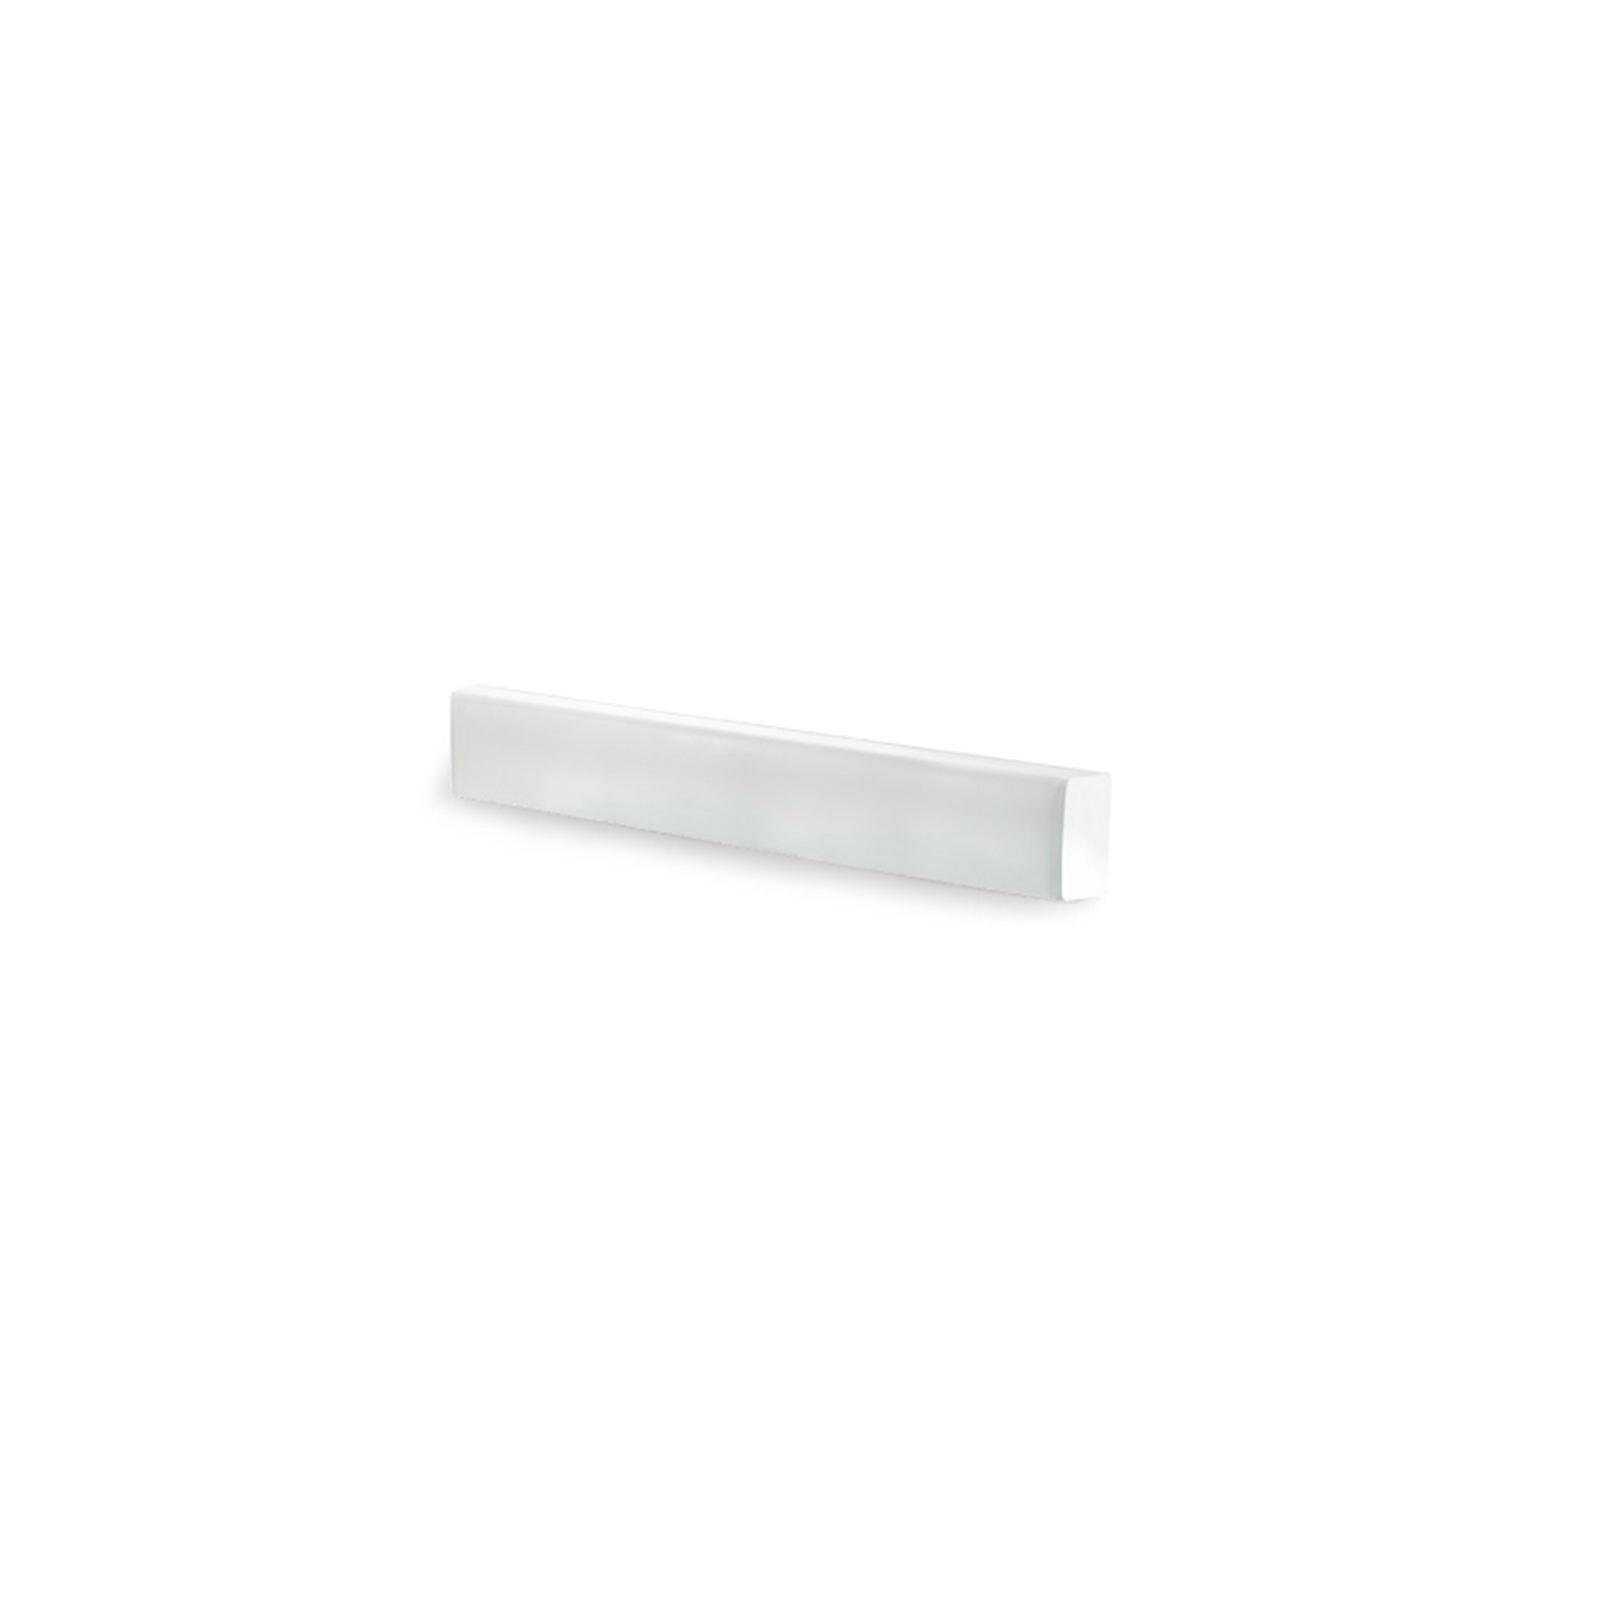 تصویر چراغ خطی 6 وات روکار آلتون رای مدل درنا AL-DT01